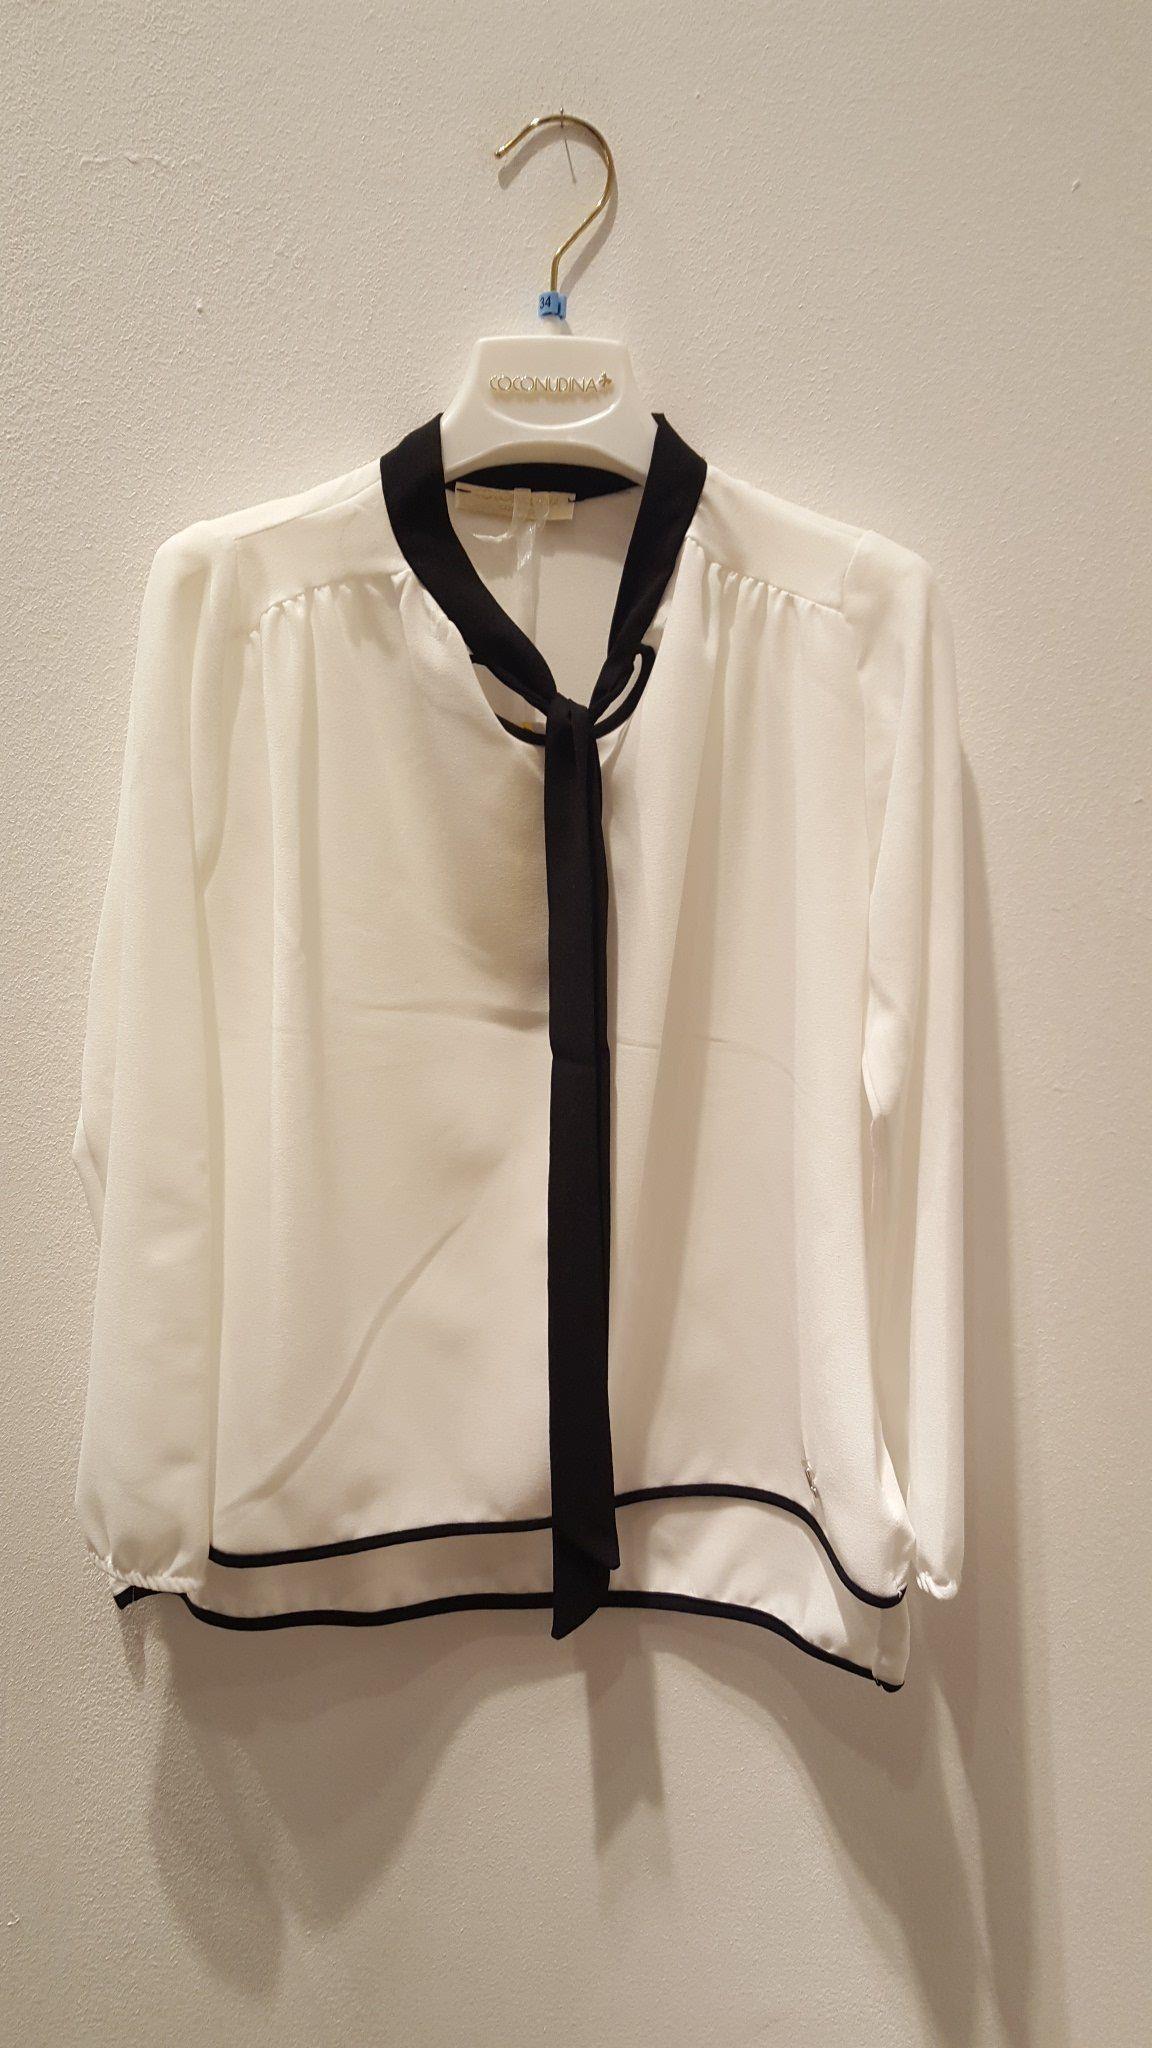 newest 84310 d48df Camicia bianca con colletto alla coreana nero che prosegue ...